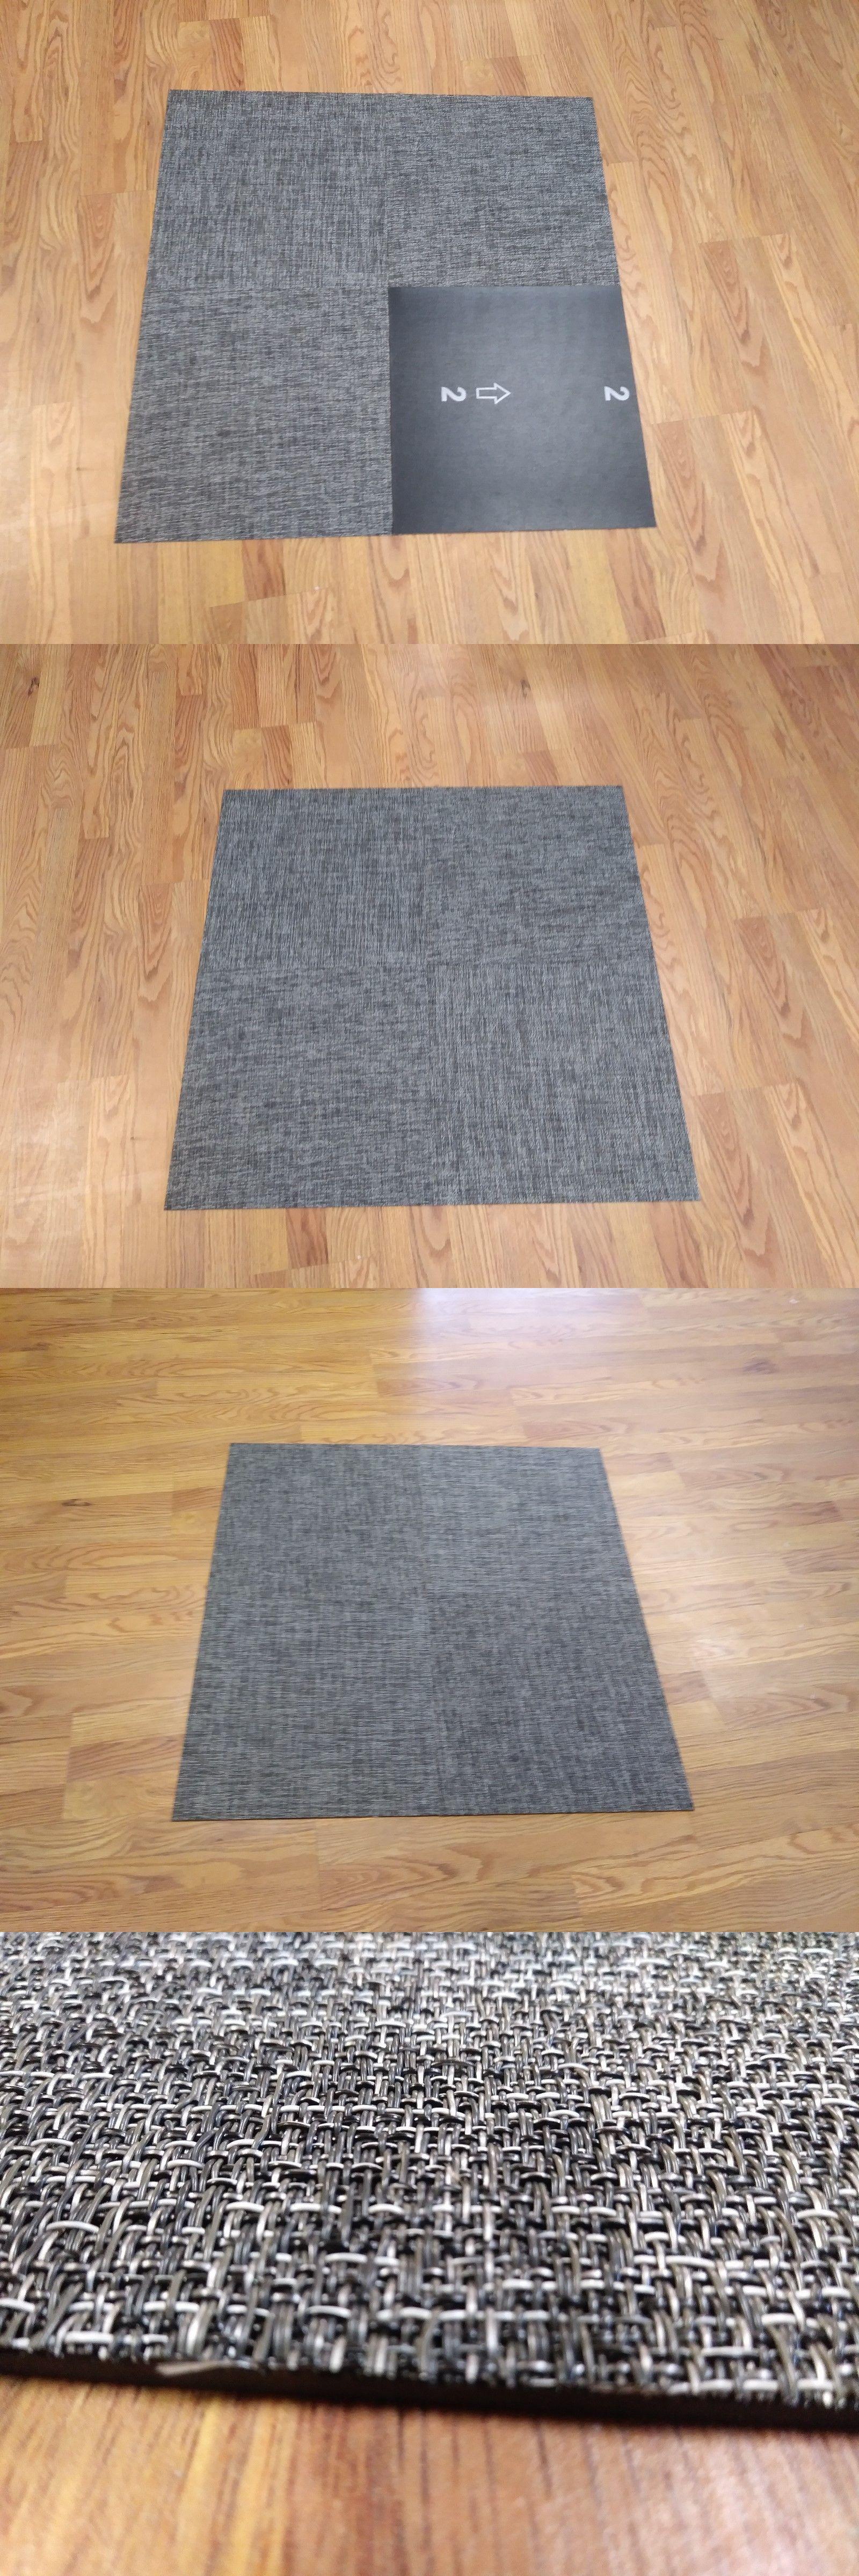 Carpet Tiles 136820 Chilewich Boucle Grey Vinyl Woven Floor Tile 18 X18 20 Tile Per Box 45 Sqft Buy It No Carpet Tiles Area Rugs Commercial Carpet Tiles